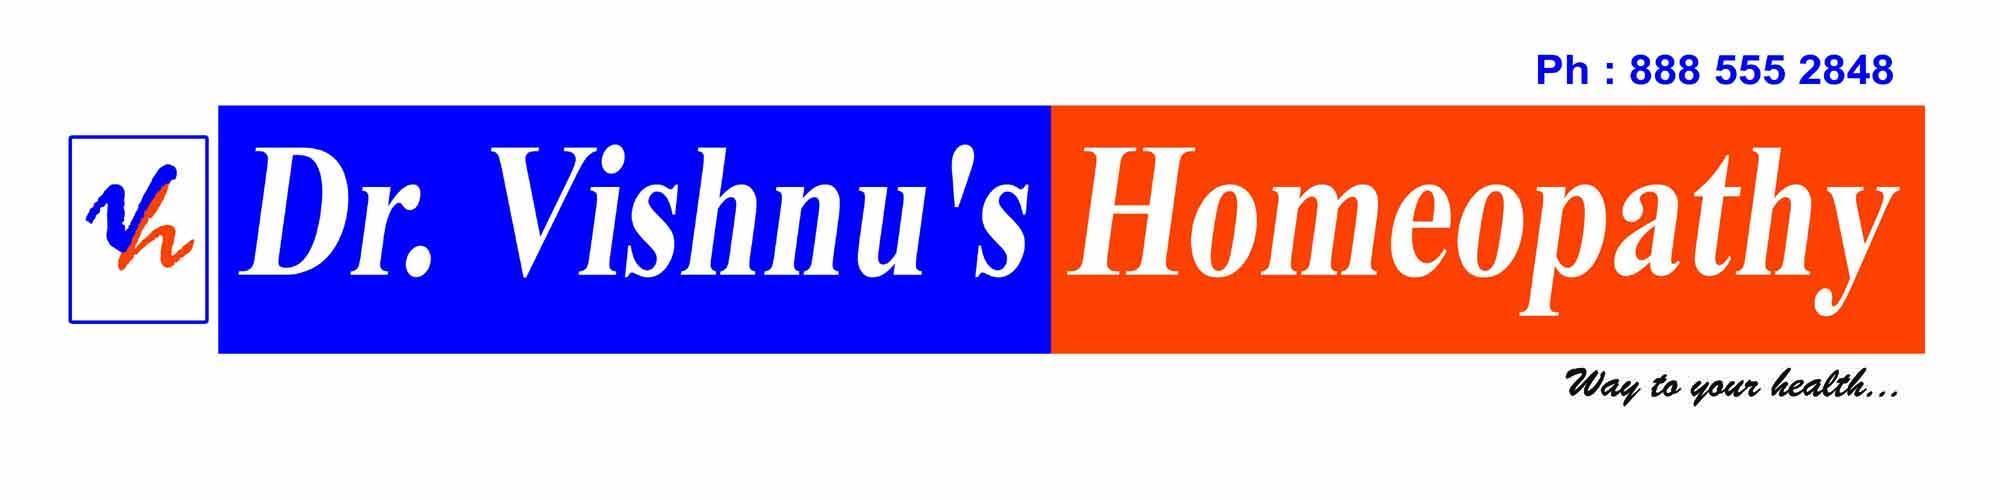 Dr.Vishnu's Homeopathy